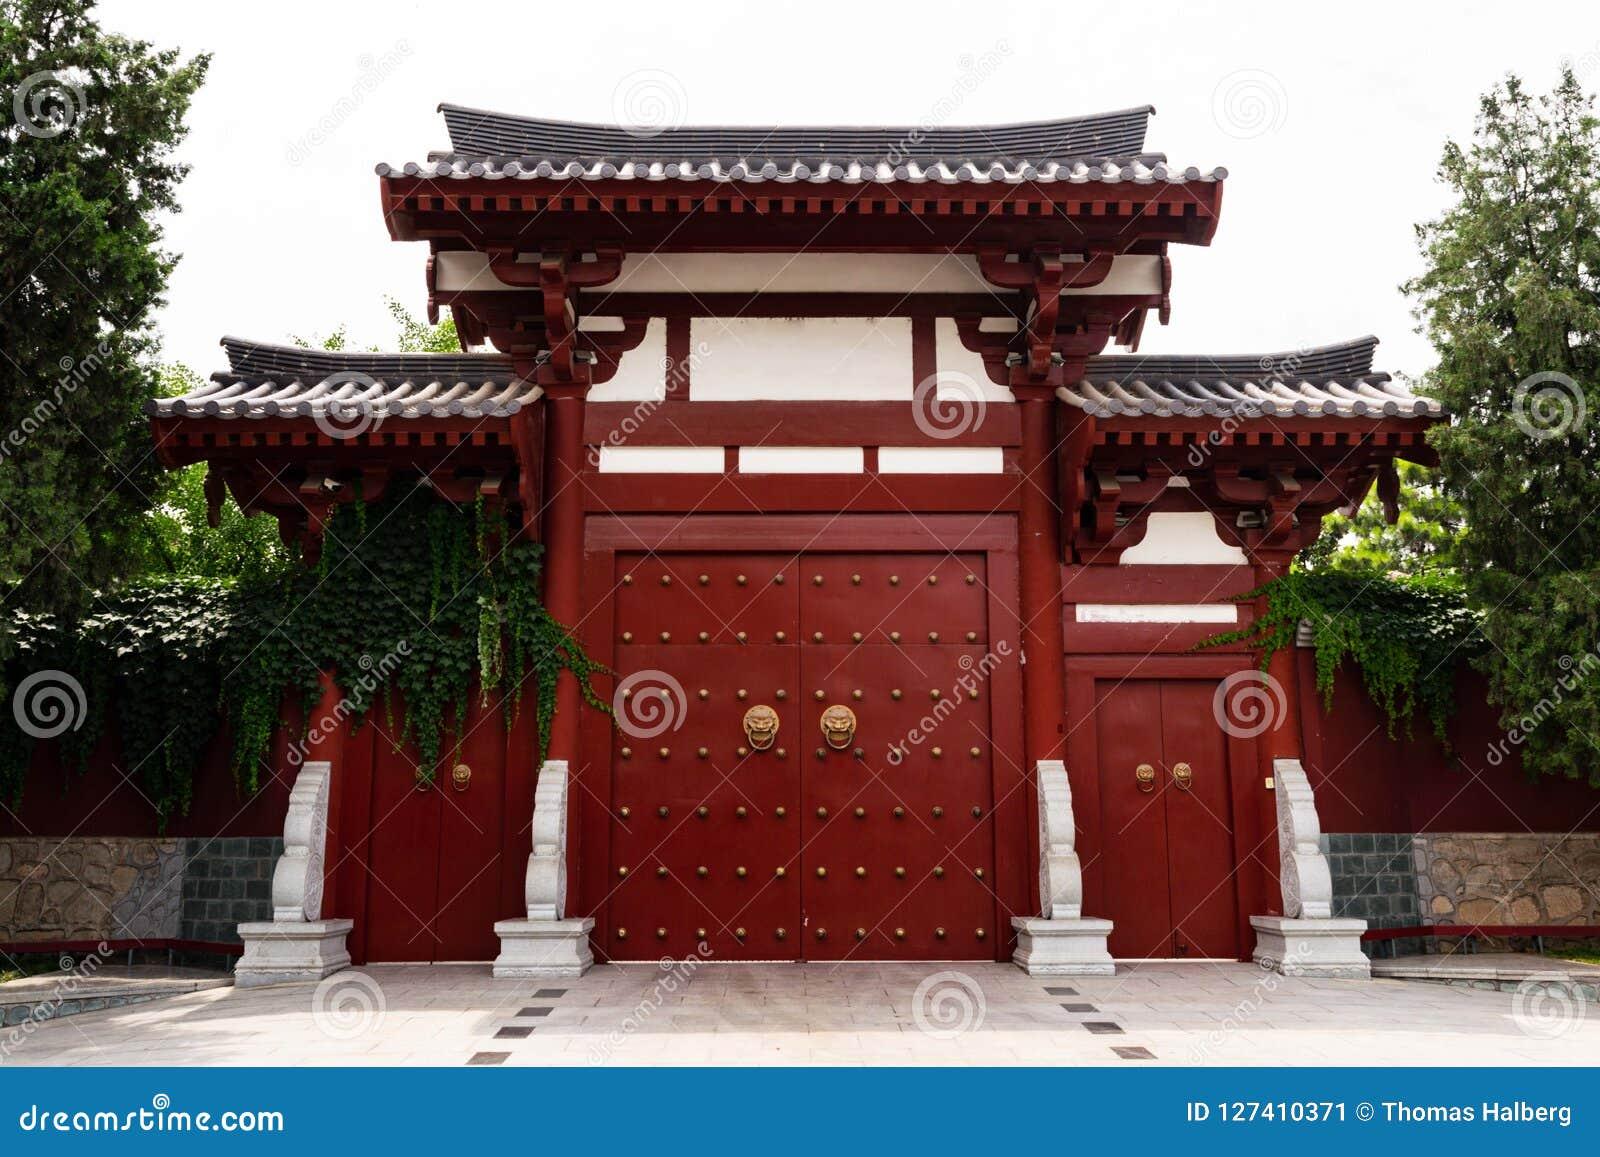 Tür der chinesischen Art in einem buddhistischen Tempel - XI `, China